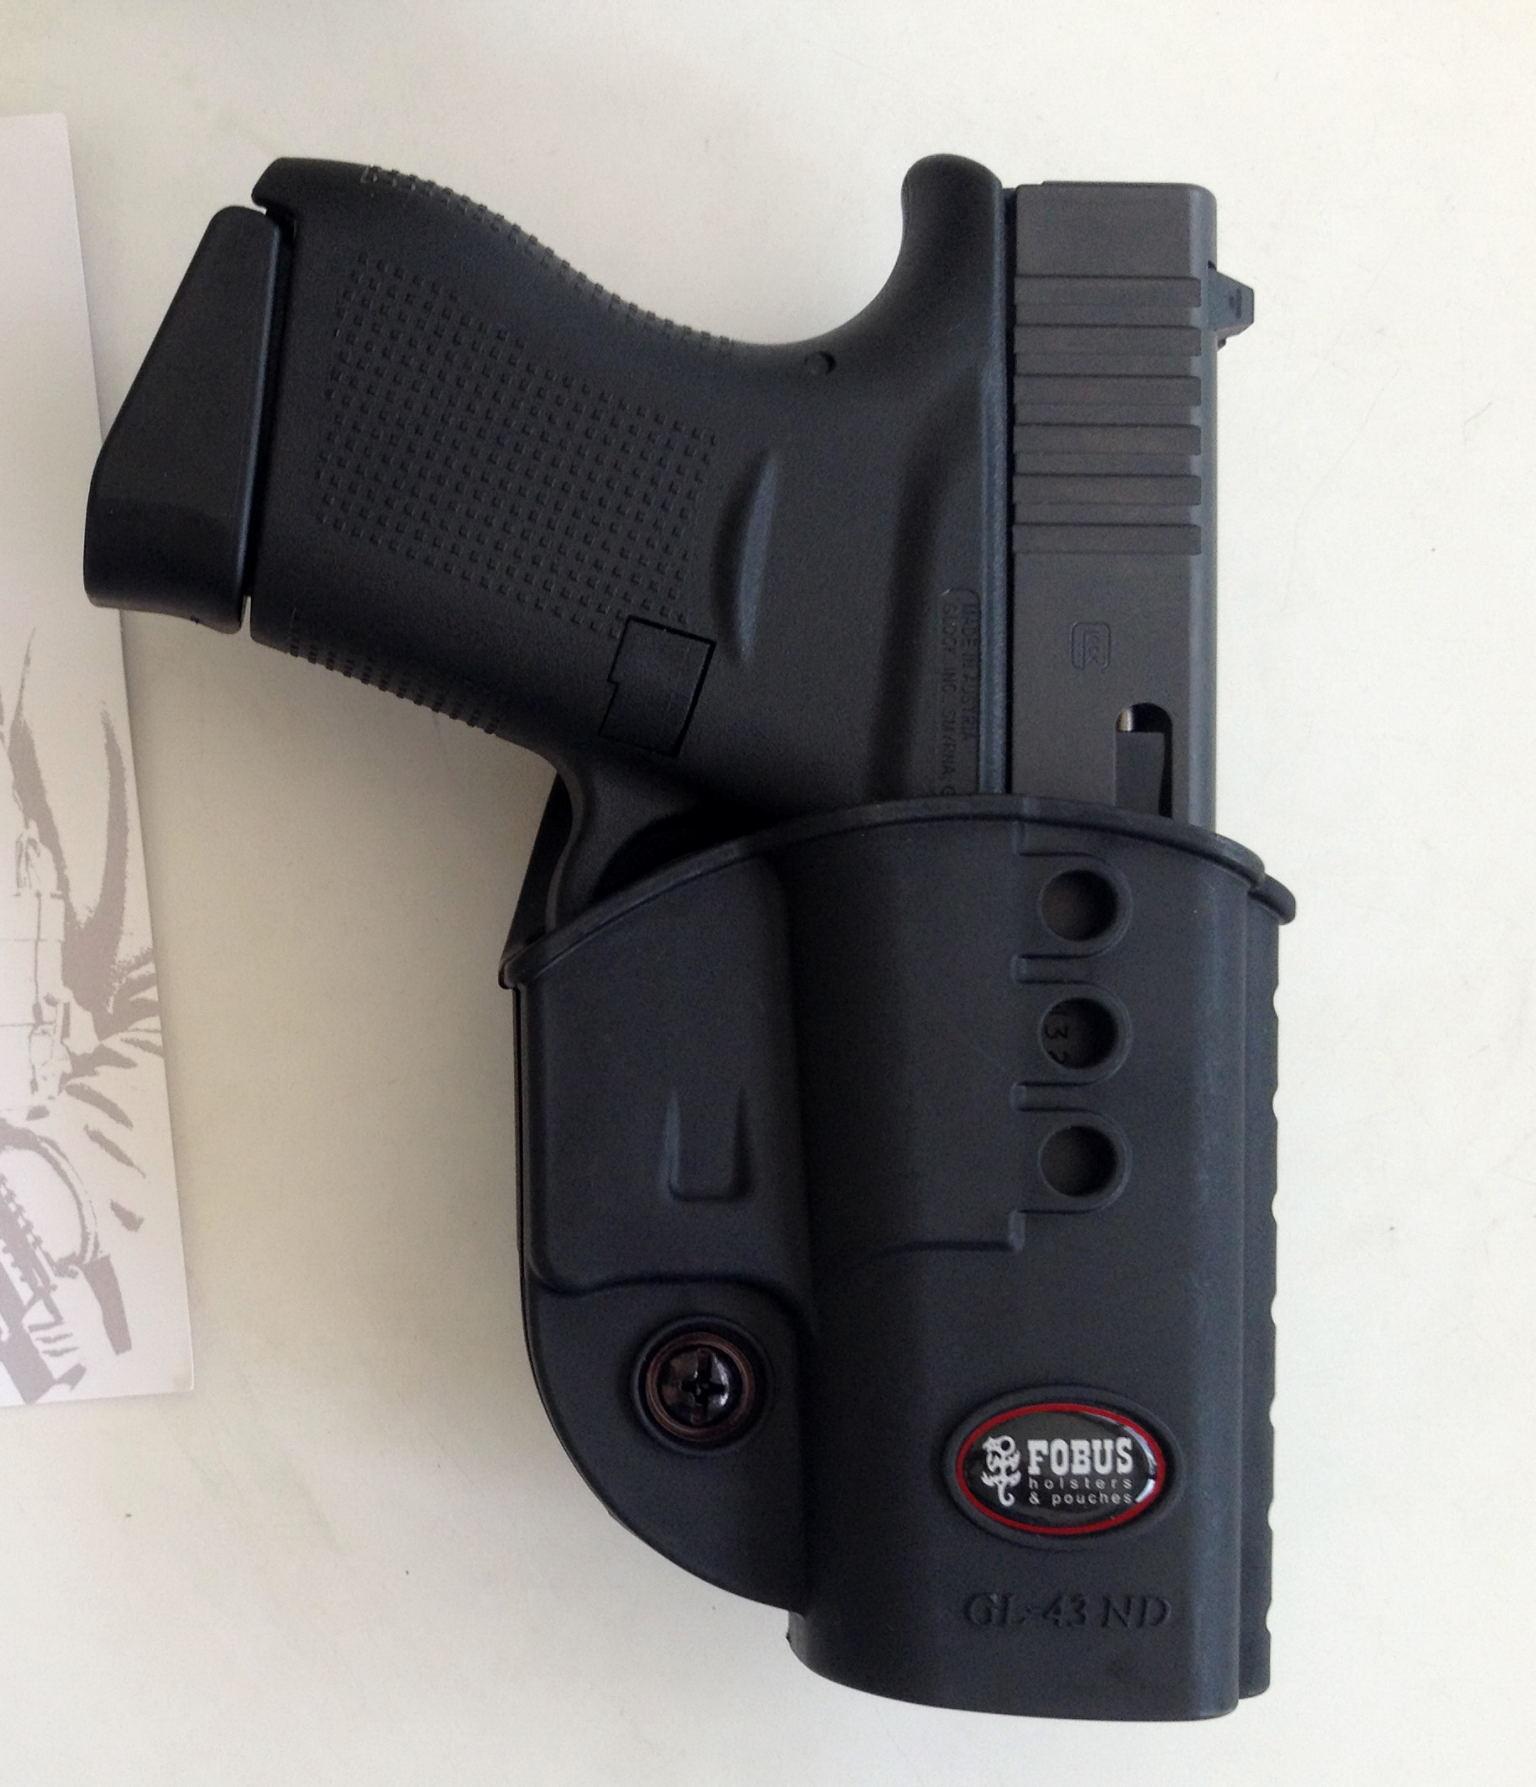 Glock 43 review & range report-glock-43-fobus-belt-holster.jpg